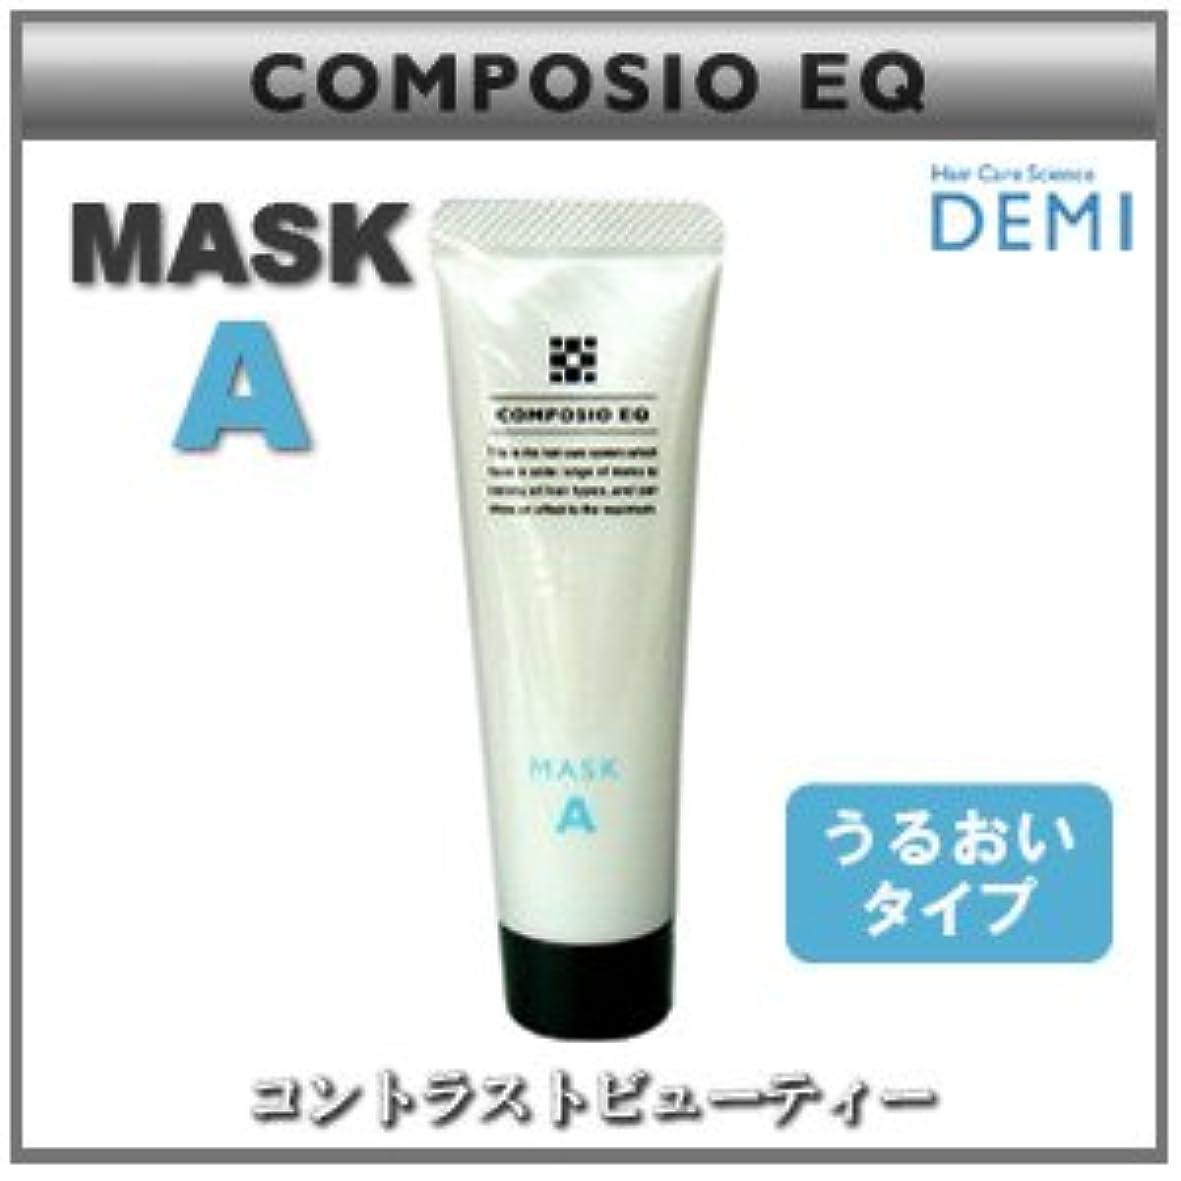 出血ドラマレクリエーション【X4個セット】 デミ コンポジオ EQ マスク A 50g